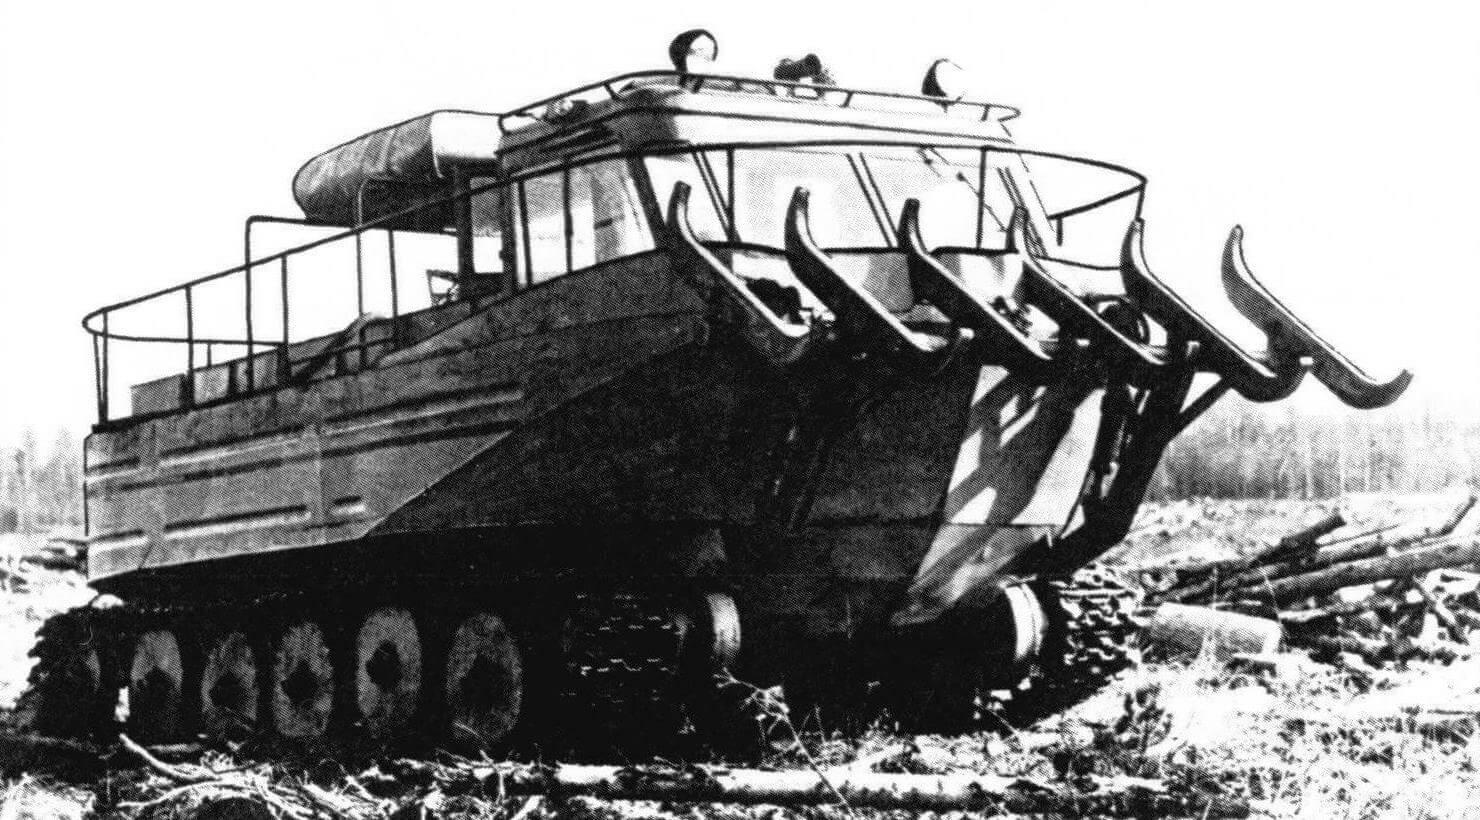 Опытный трактор-амфибия П-49 на базе трактора ТДТ-55